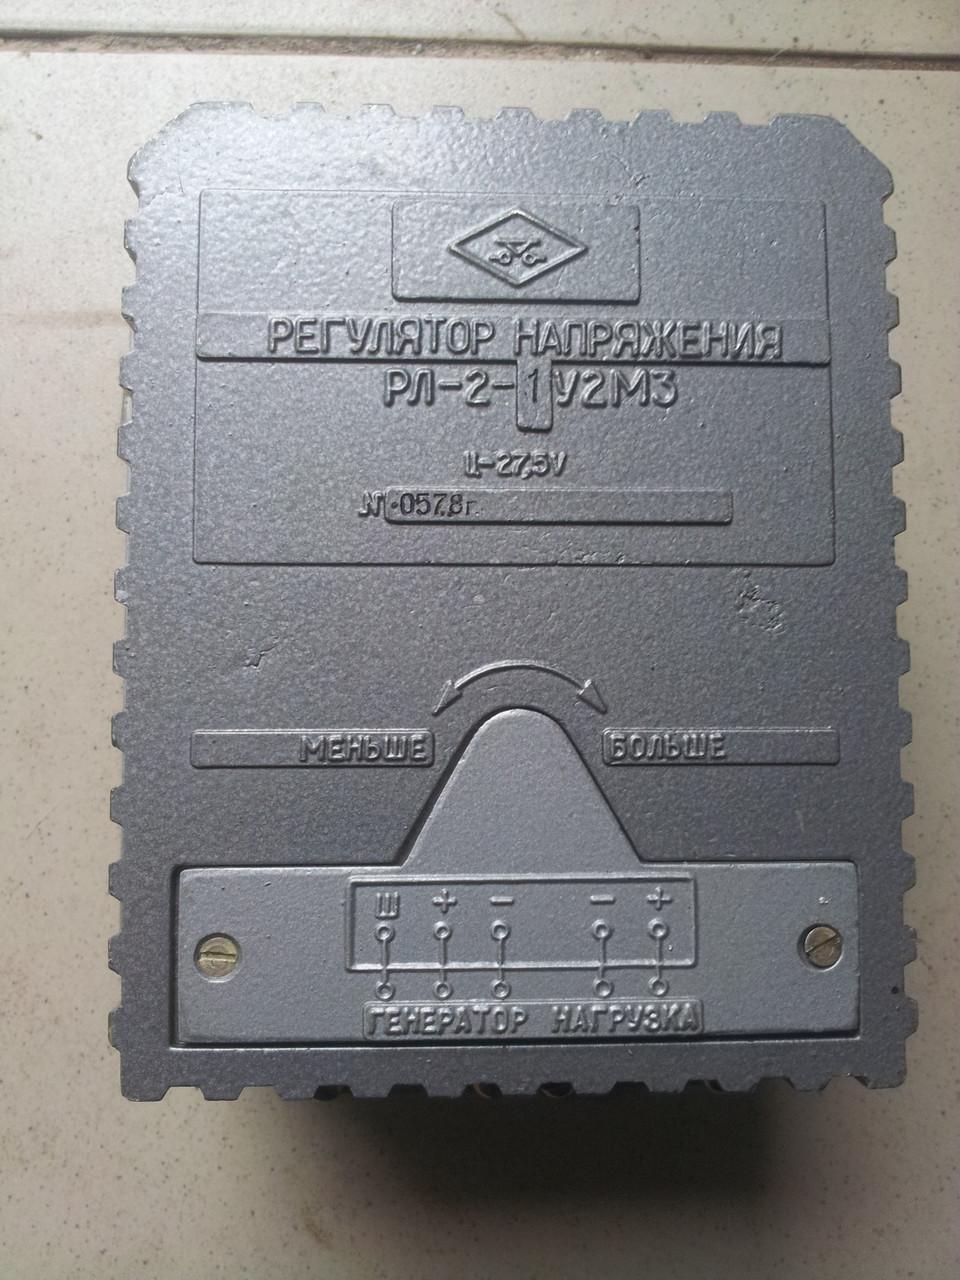 Регулятор Напряжения РЛ-2М